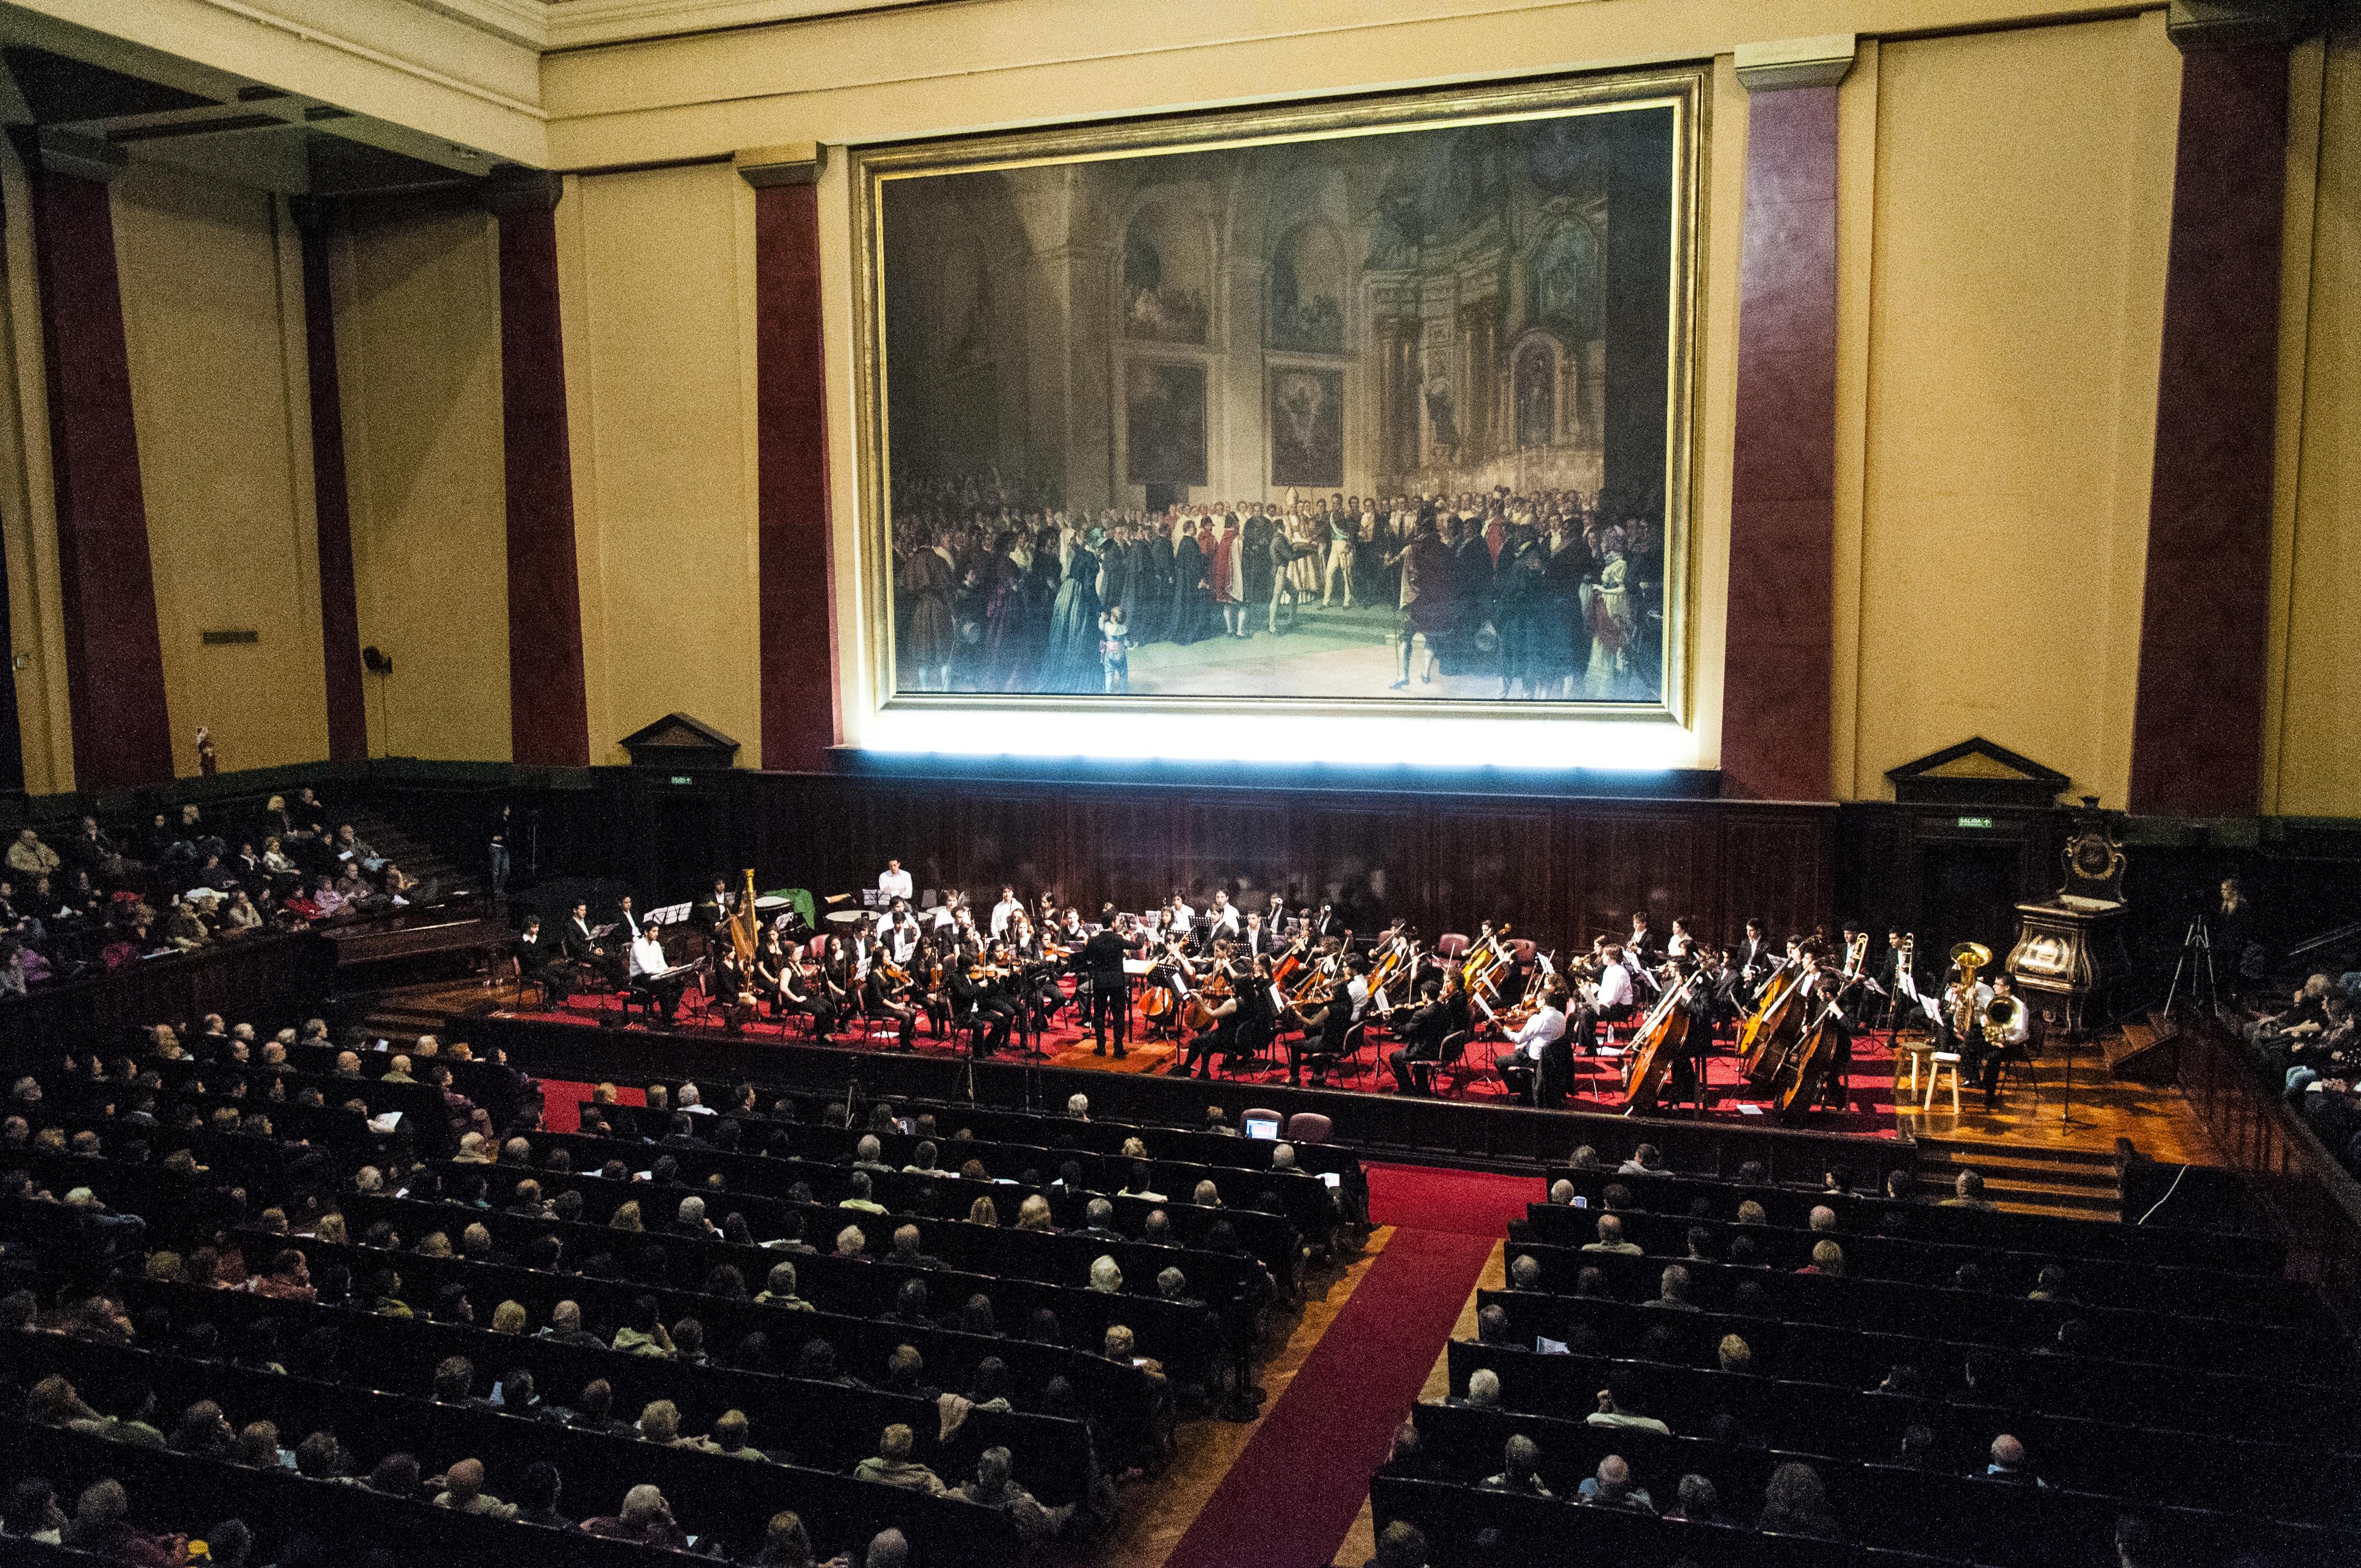 A. Dvorak Symphony No. 9